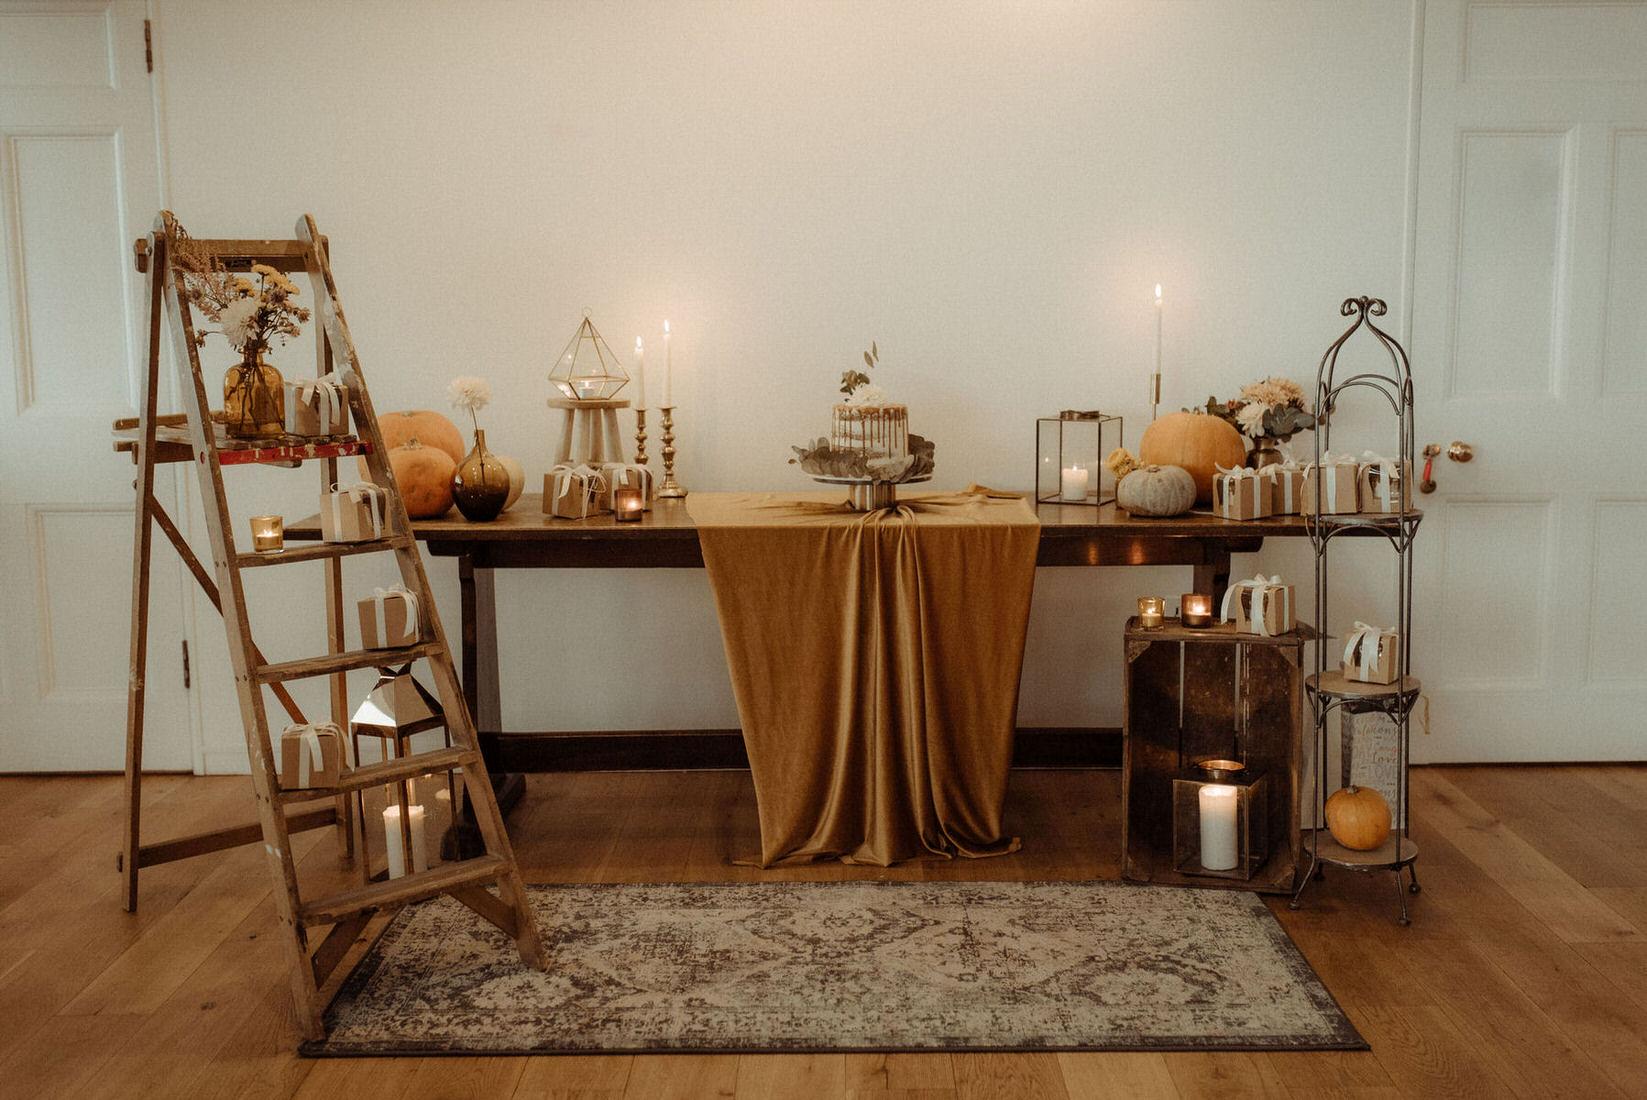 Autumnal romantic Scottish wedding cake table styling